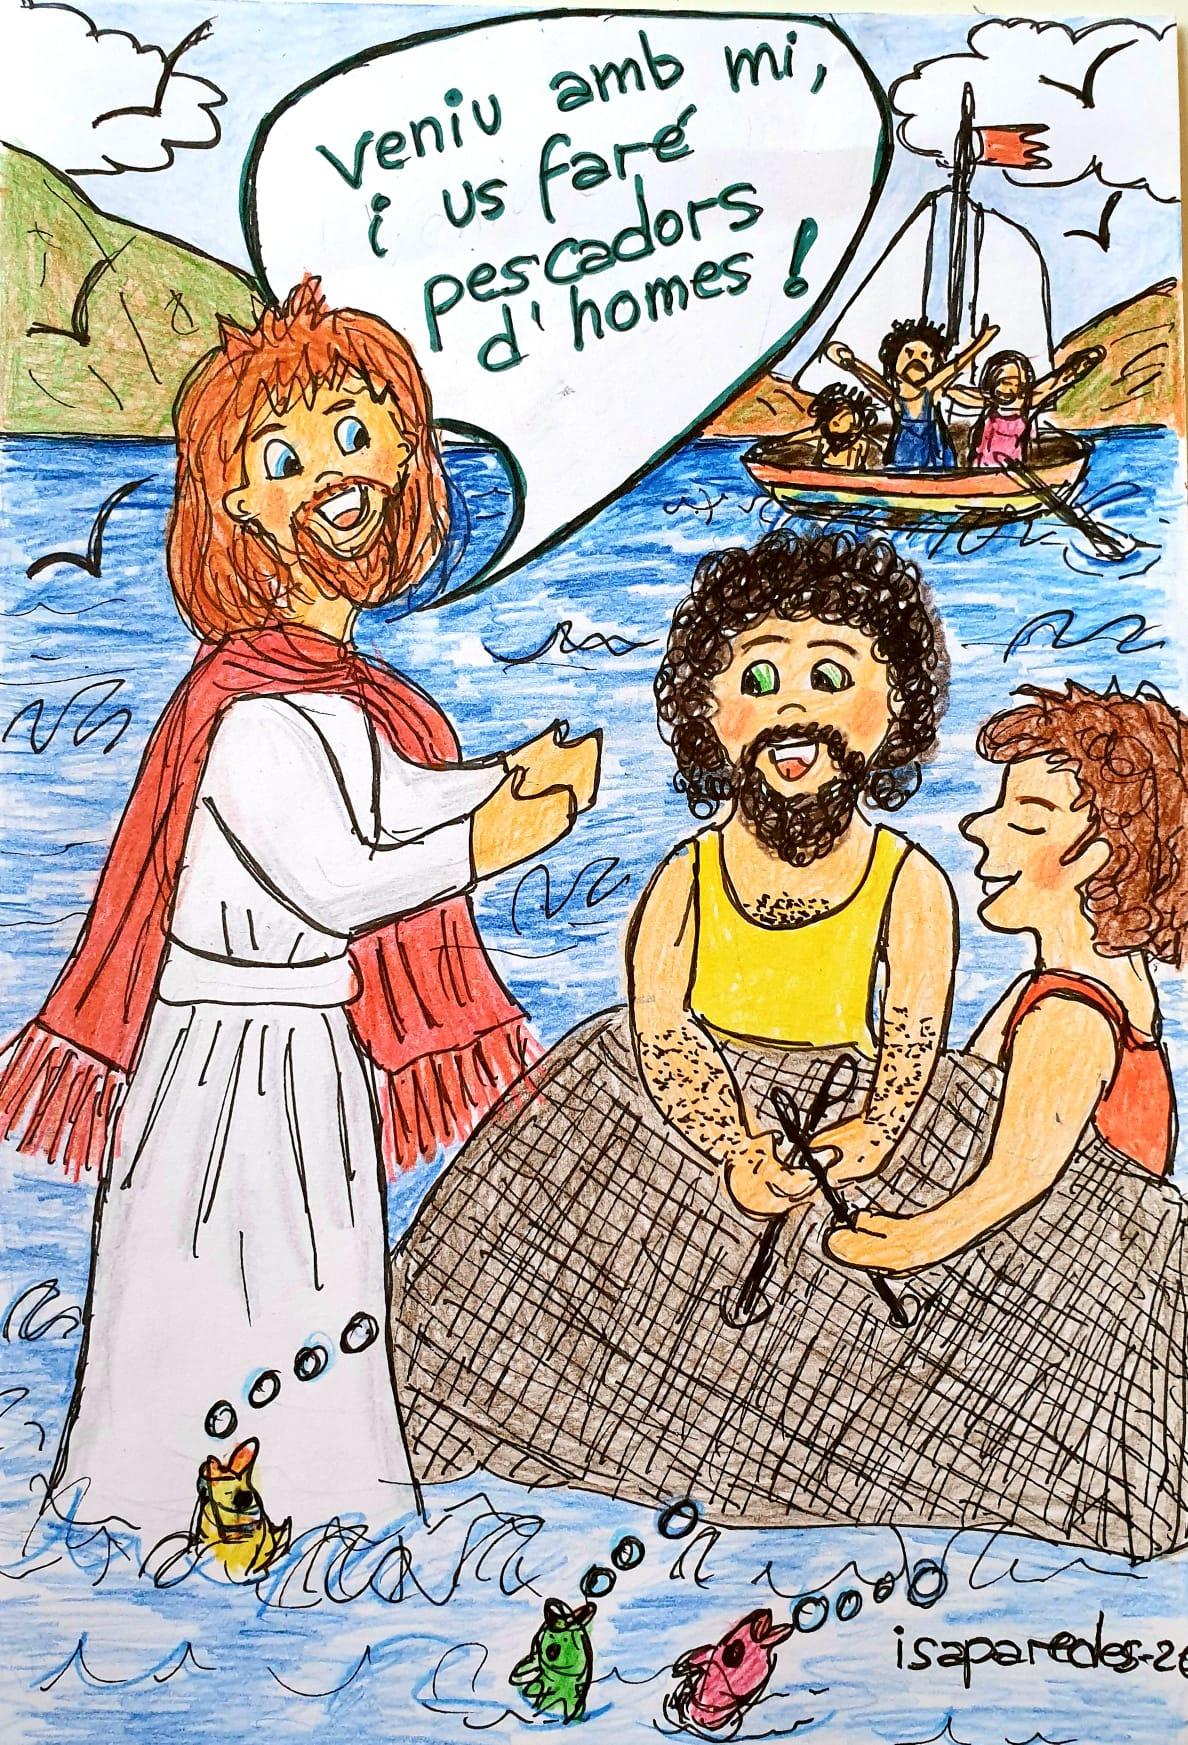 002-2020-11-30-evangeli